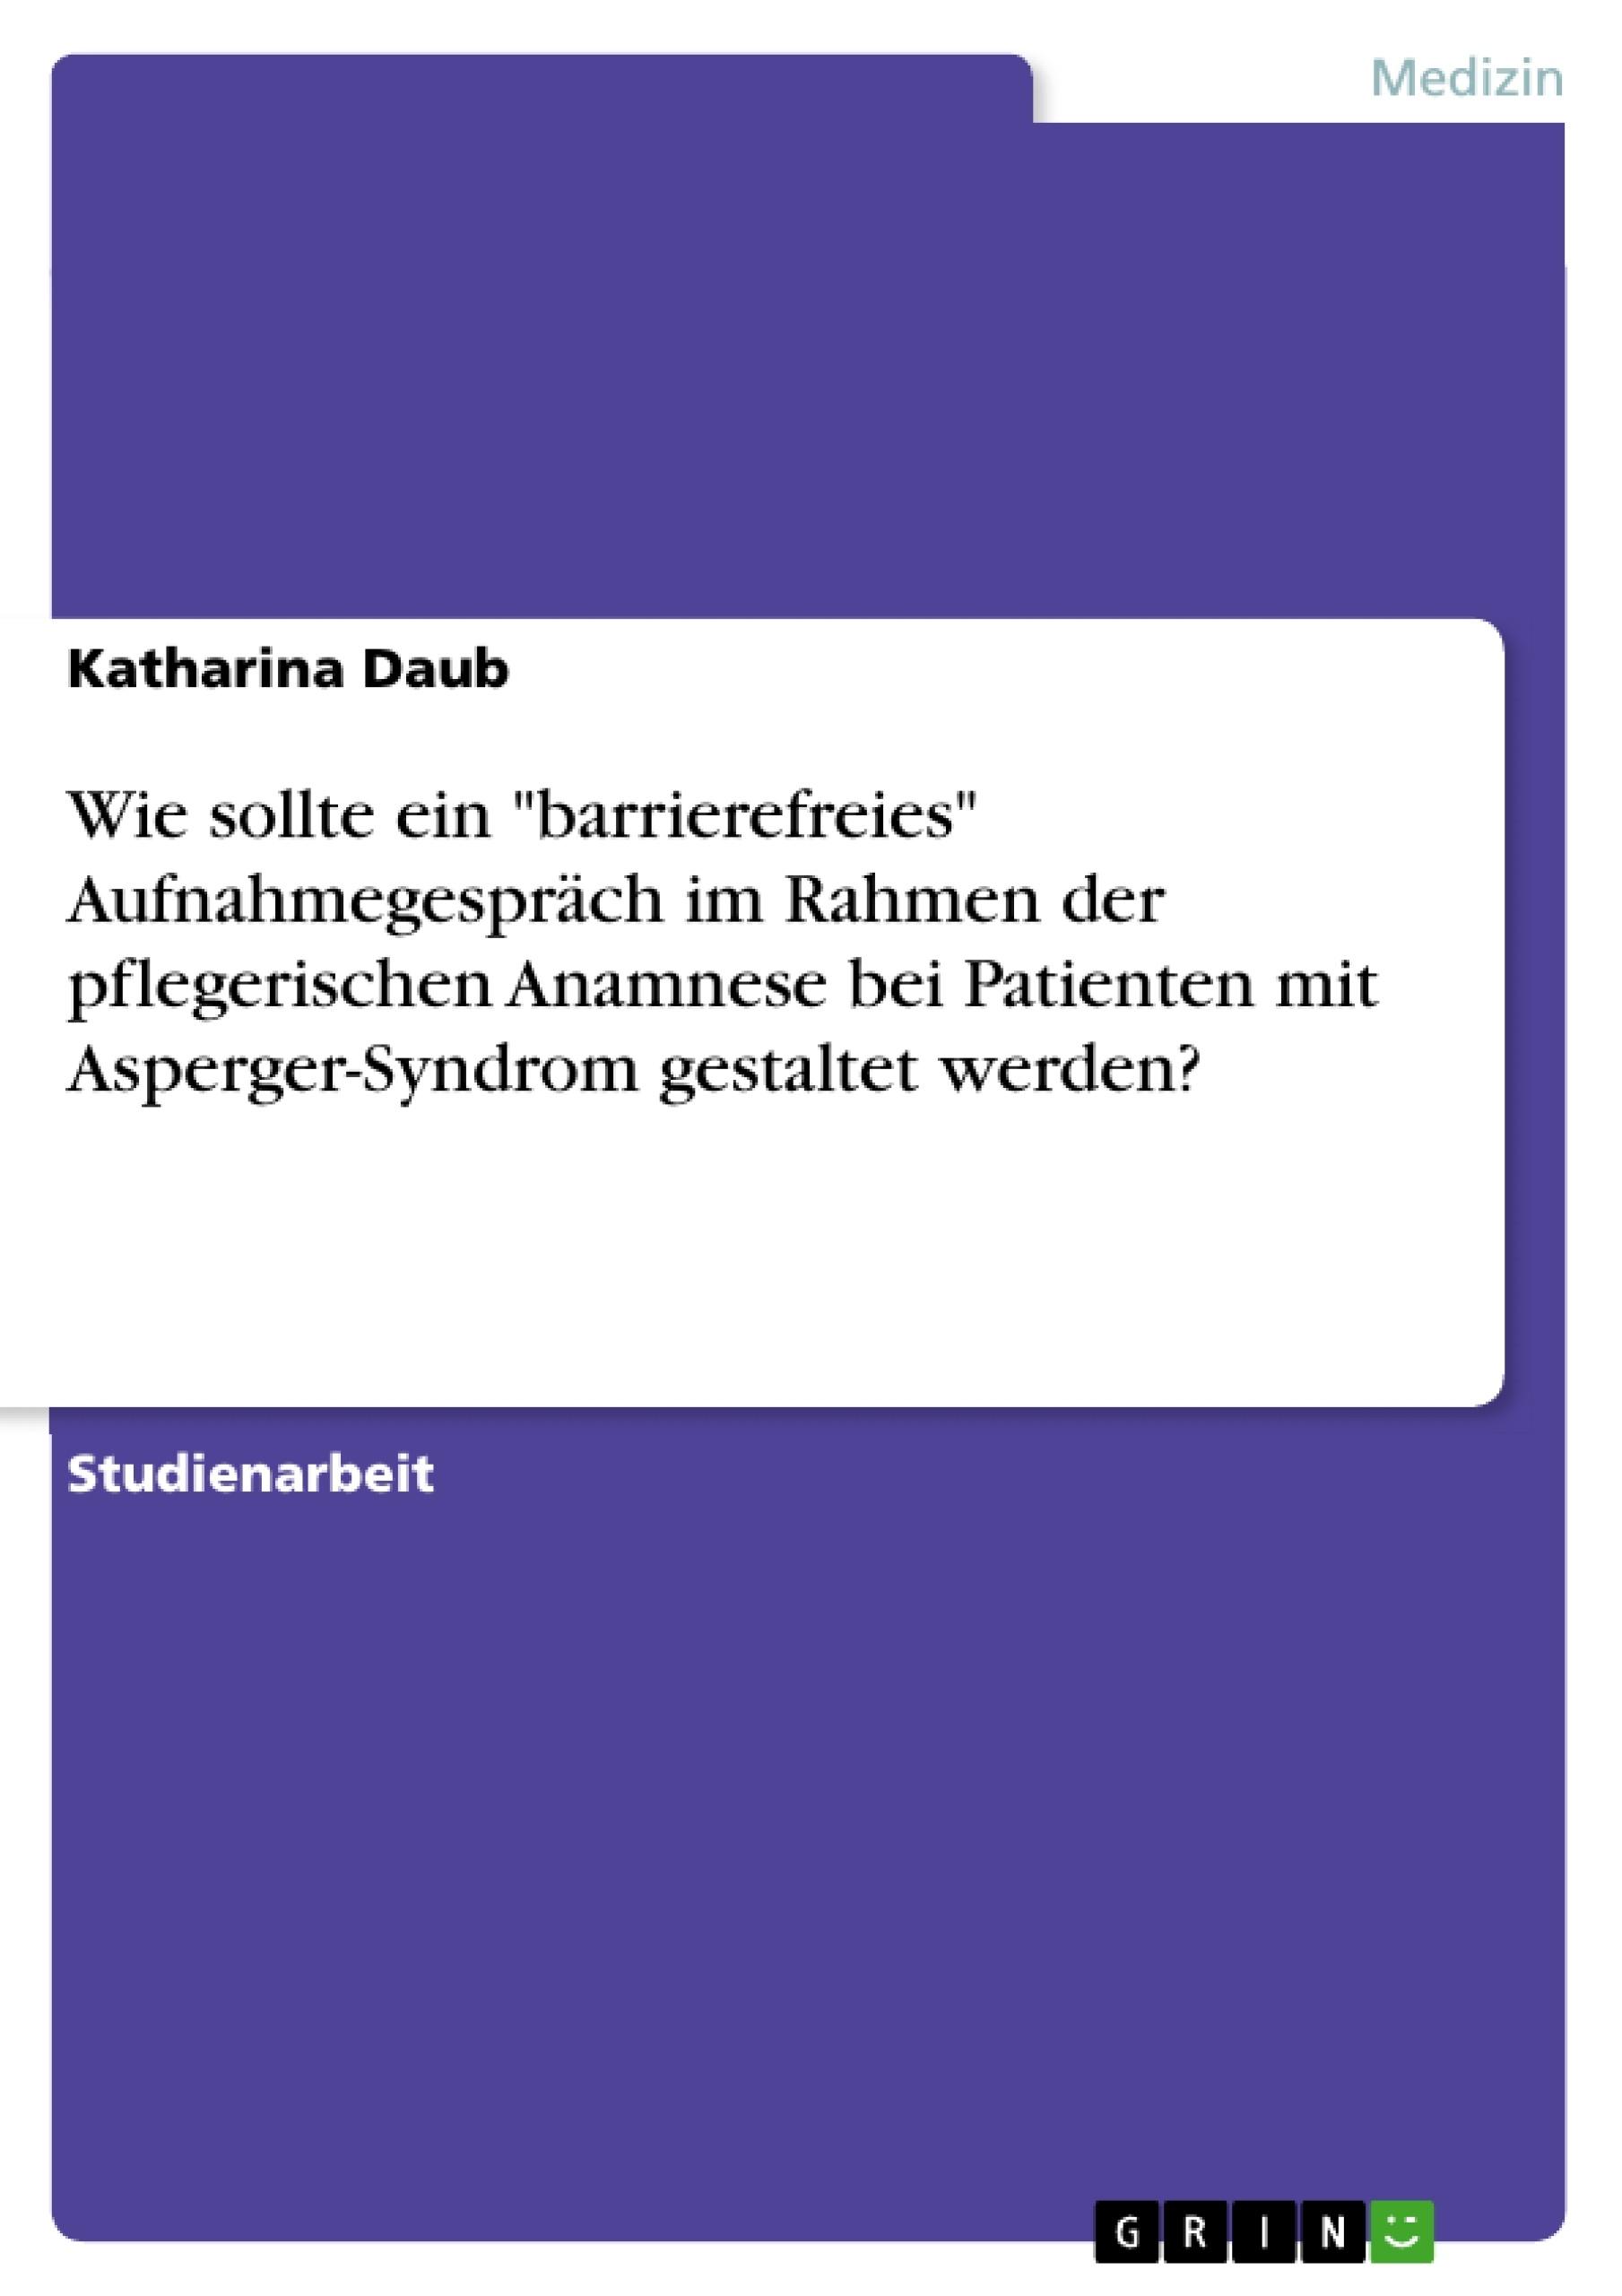 """Titel: Wie sollte ein """"barrierefreies"""" Aufnahmegespräch im Rahmen der pflegerischen Anamnese bei Patienten mit Asperger-Syndrom gestaltet werden?"""